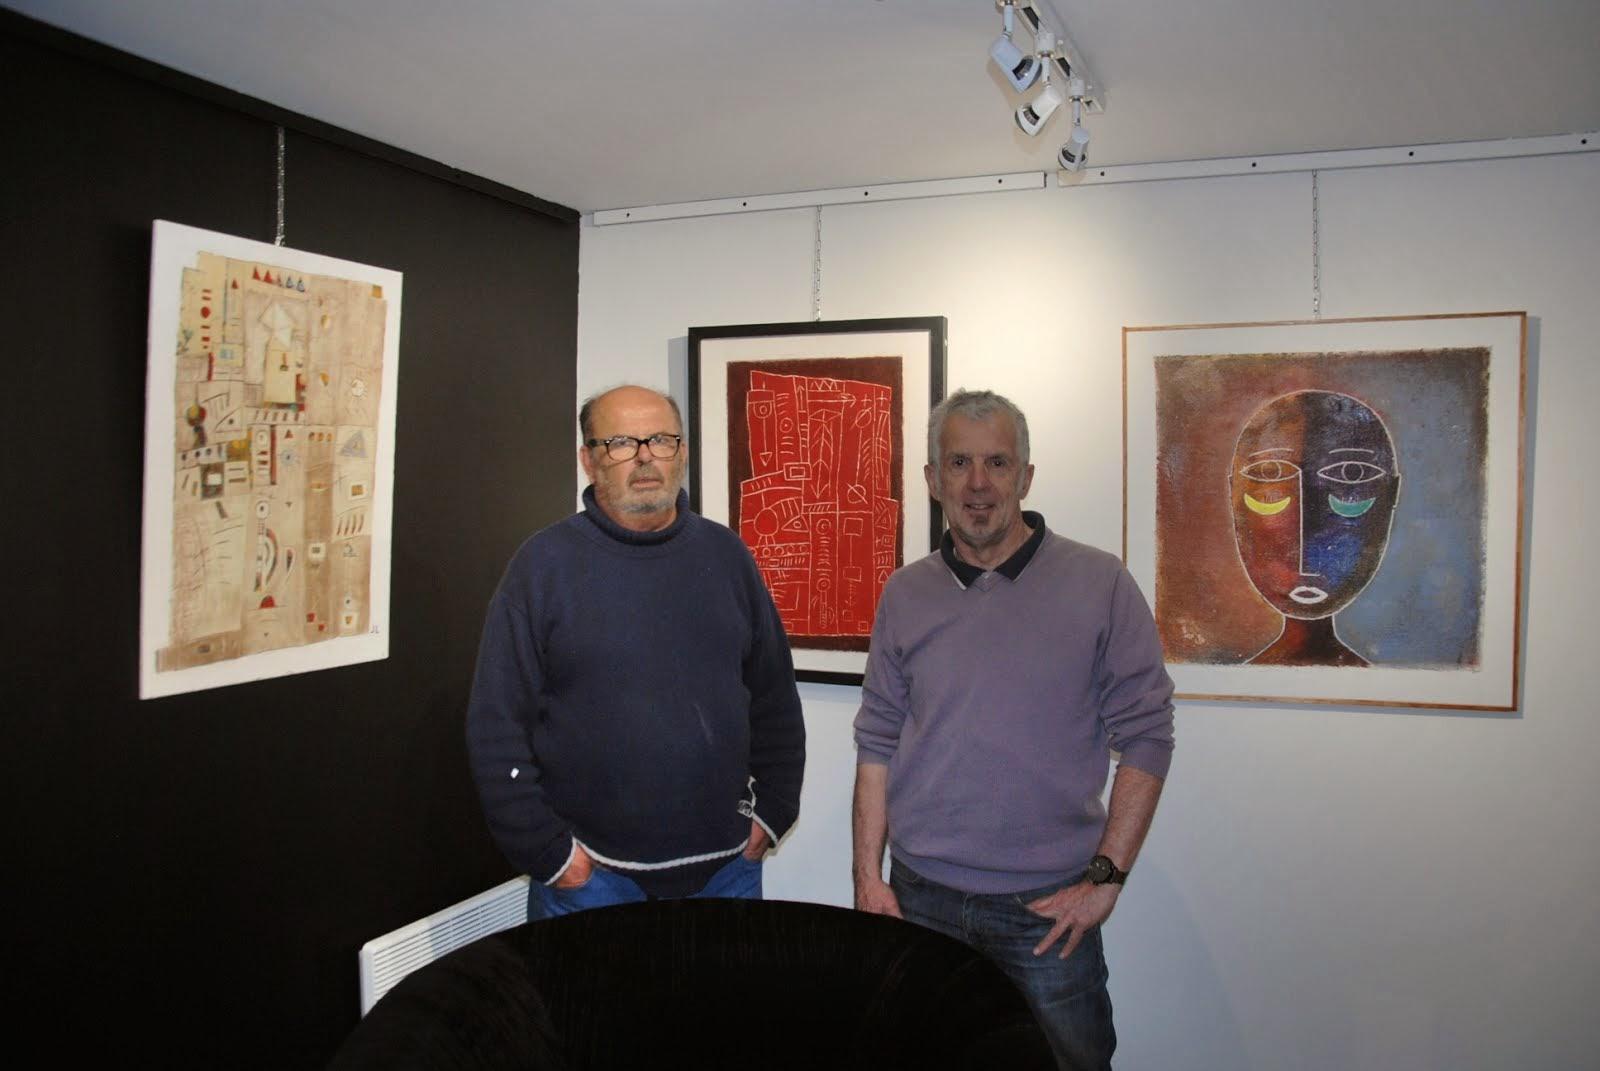 Expo galerie des Corsaires mars 2015